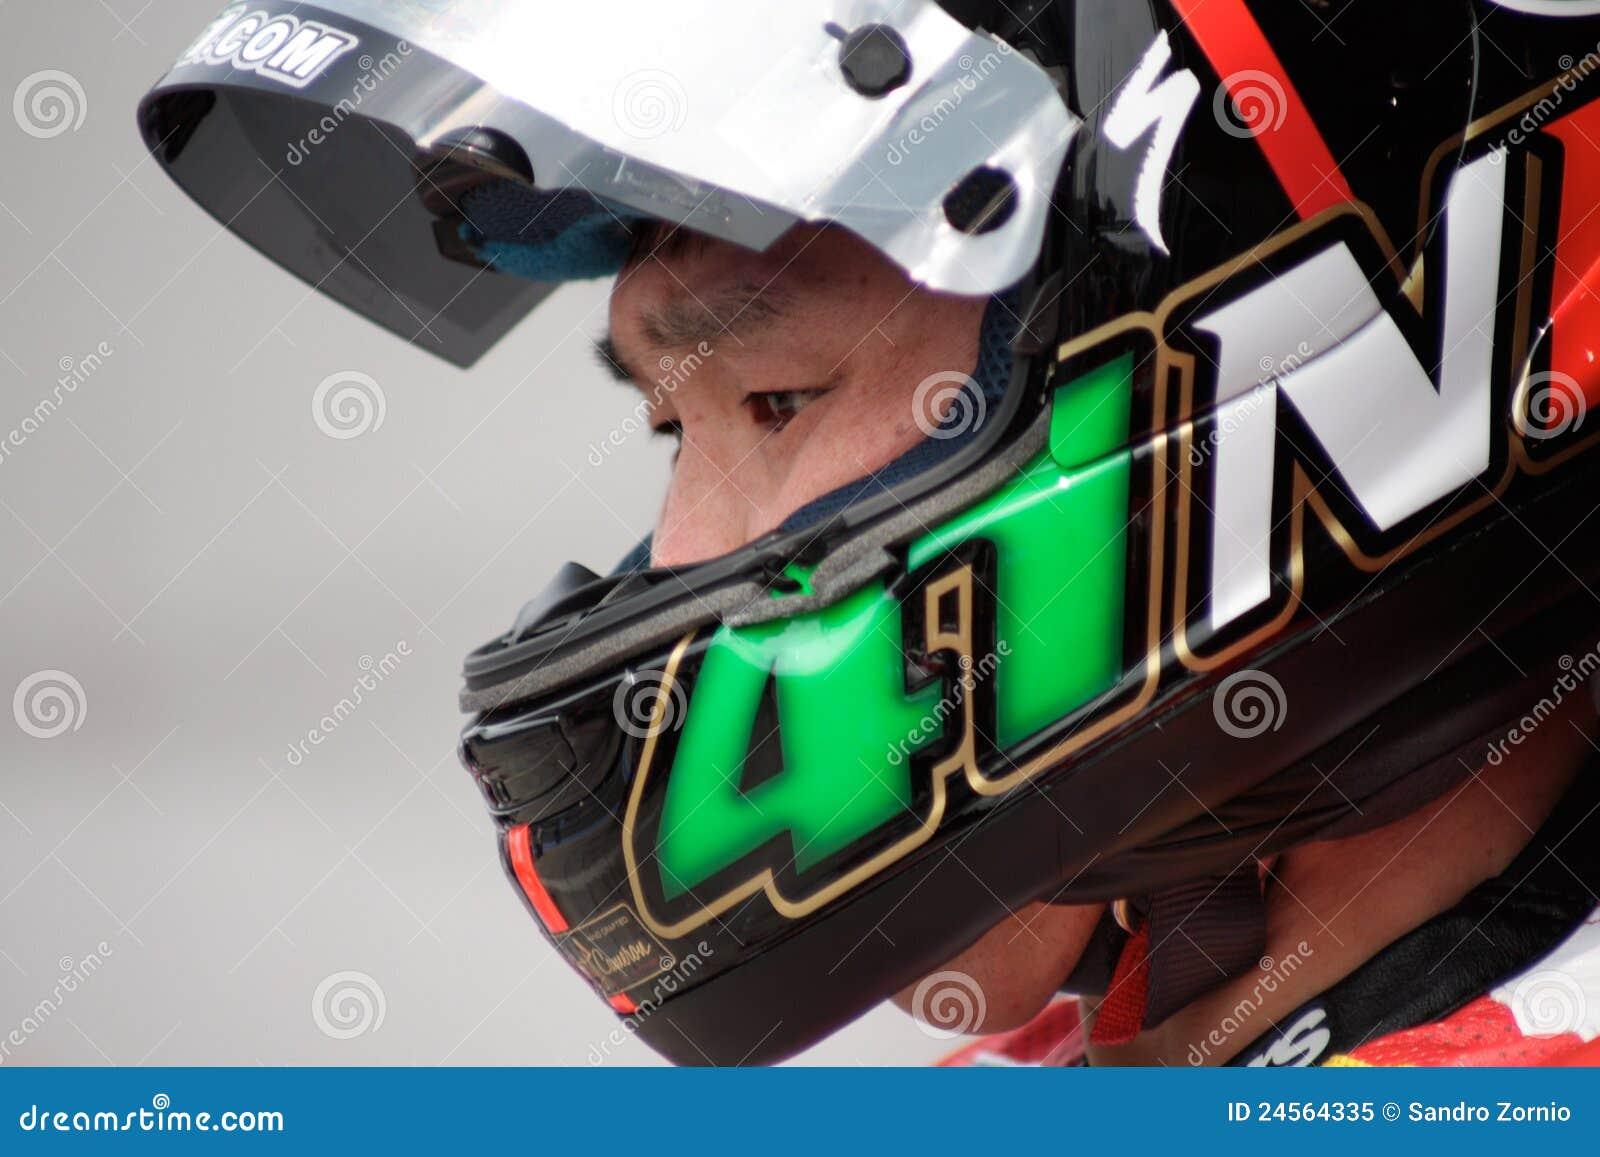 Noriyuki Haga Ducati 1998 Xerox team